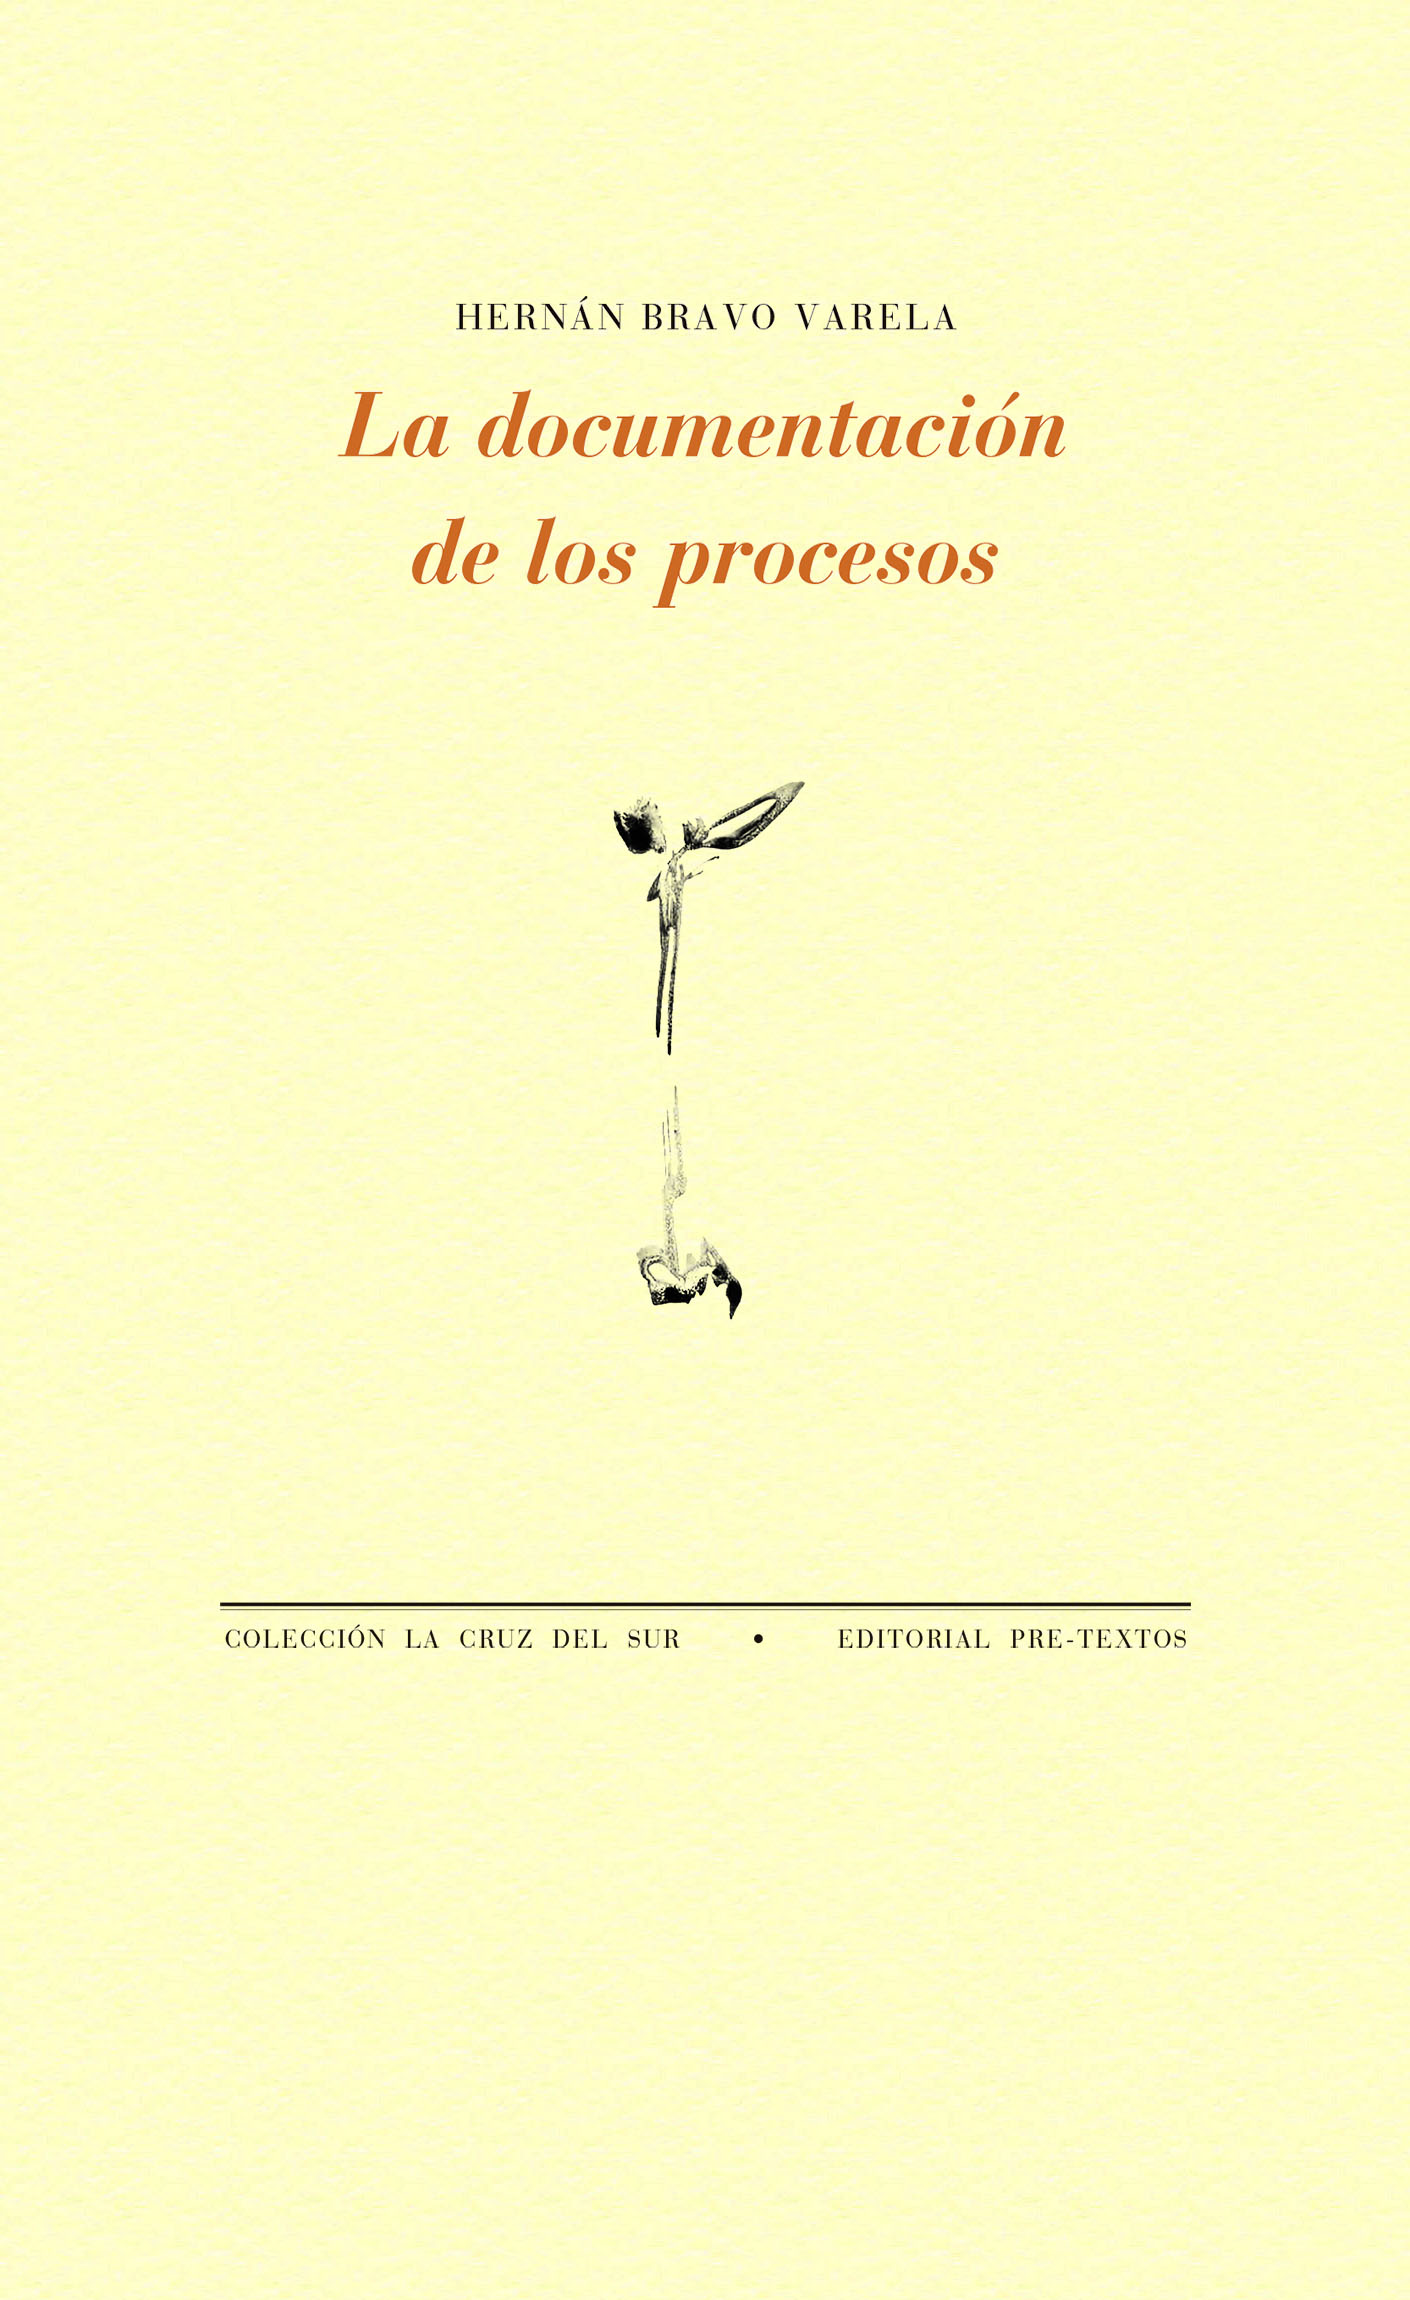 La documentación de los procesos